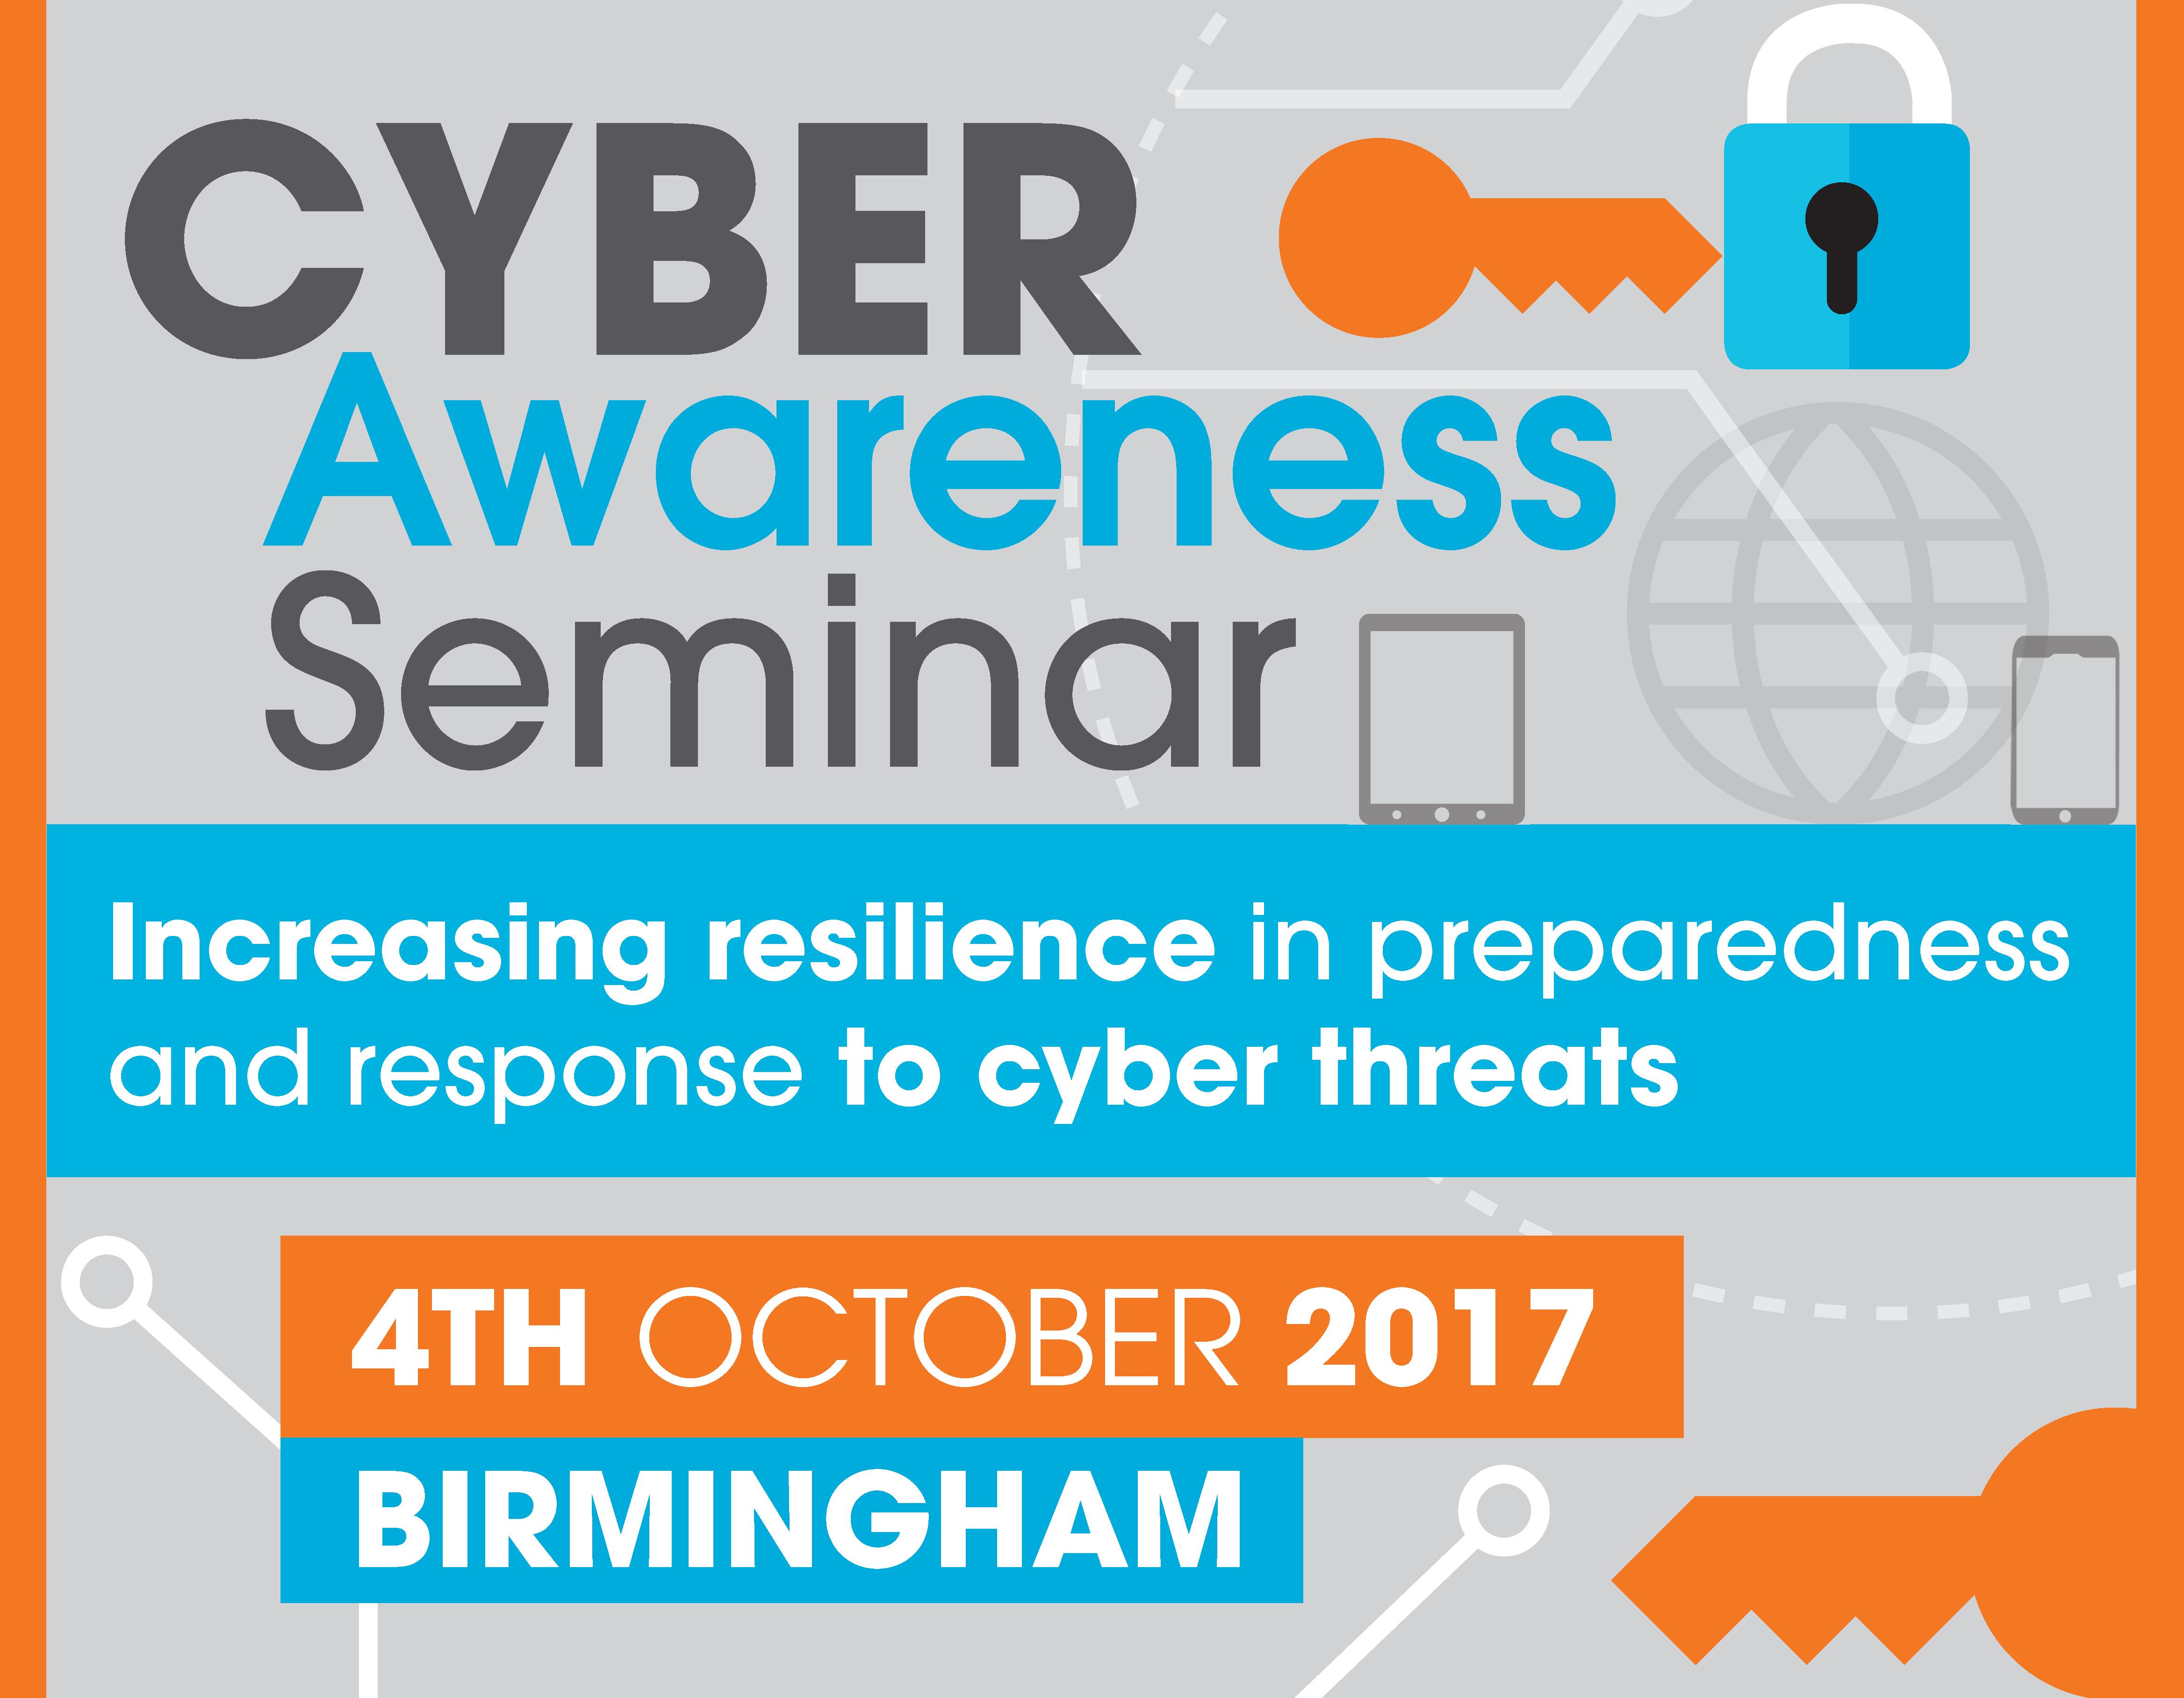 Cyber Awareness Seminar